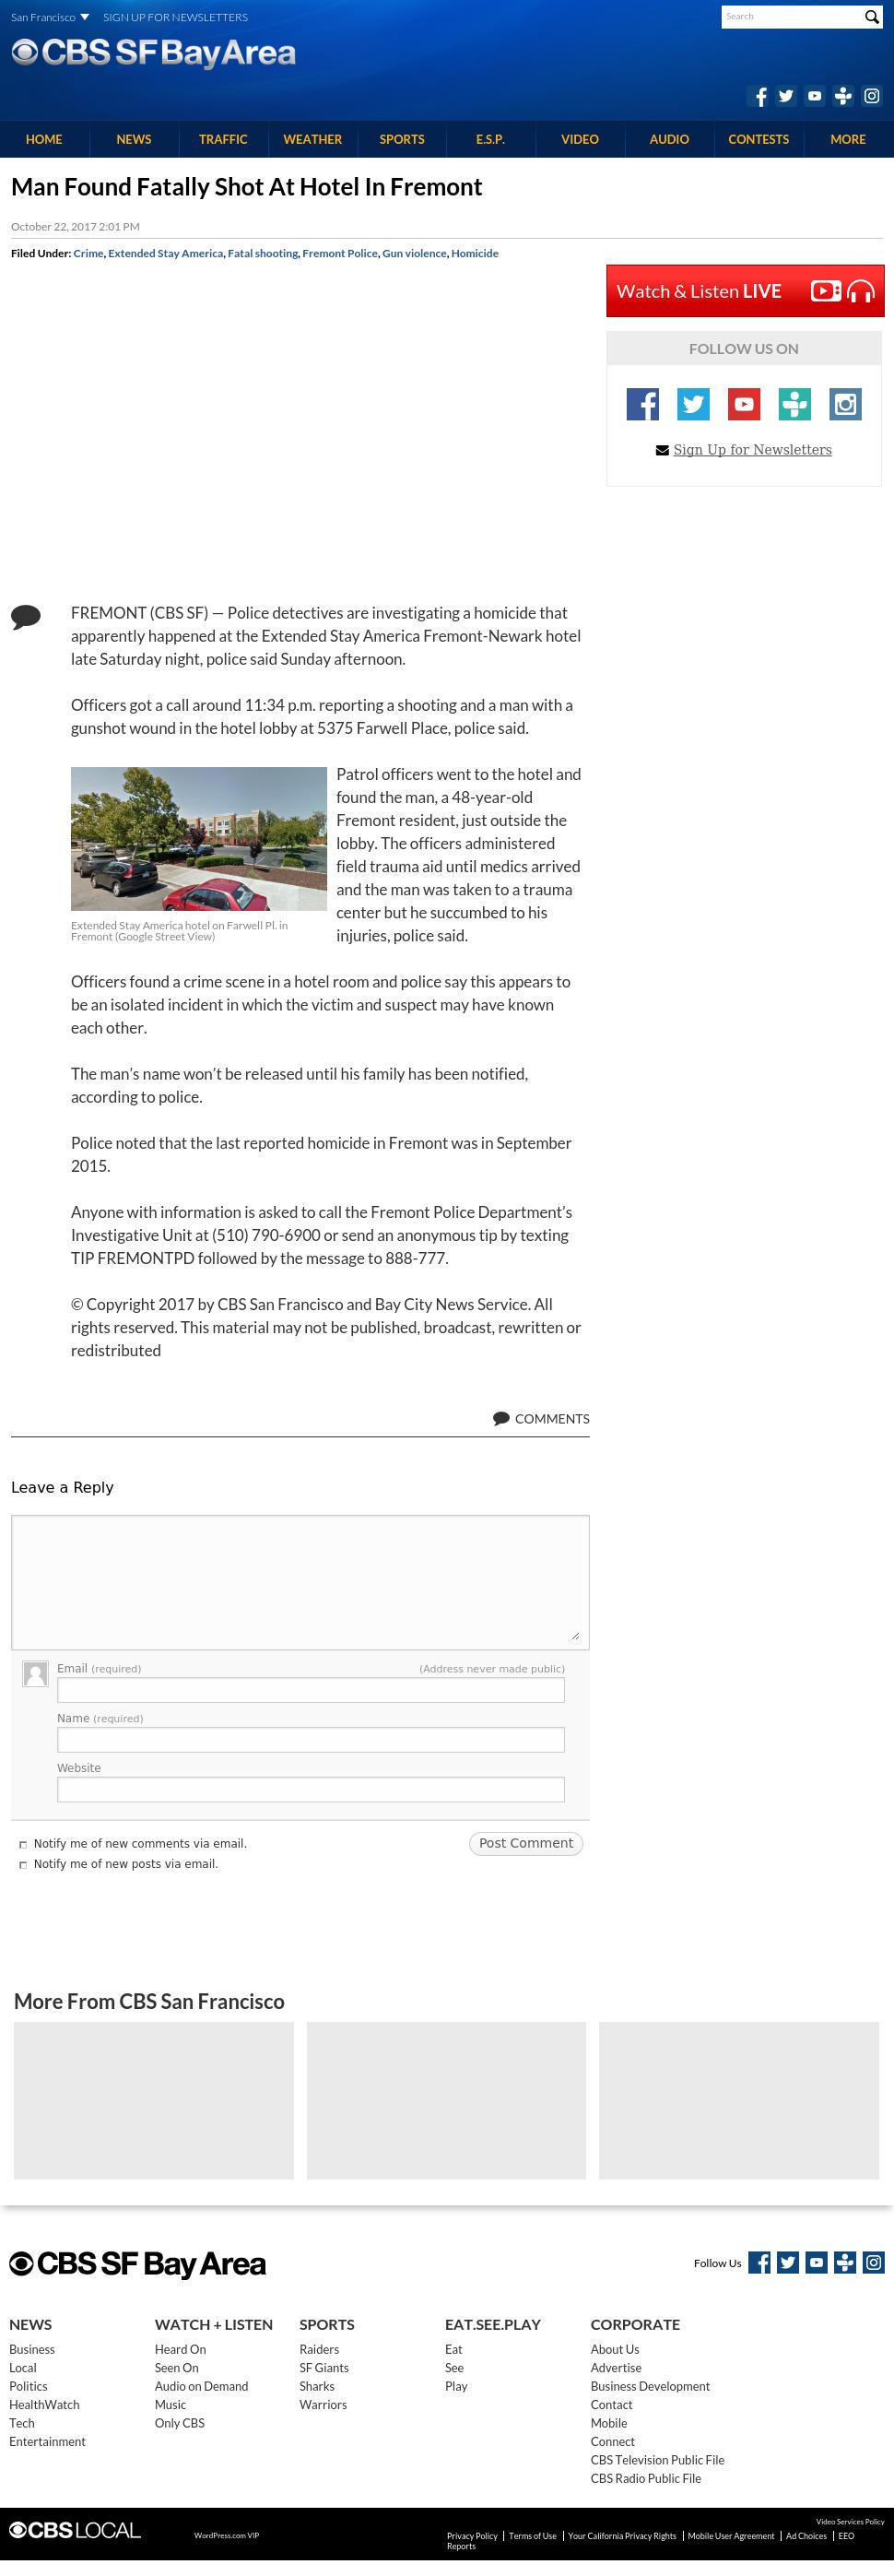 Wall street journal report on 1mdb latest